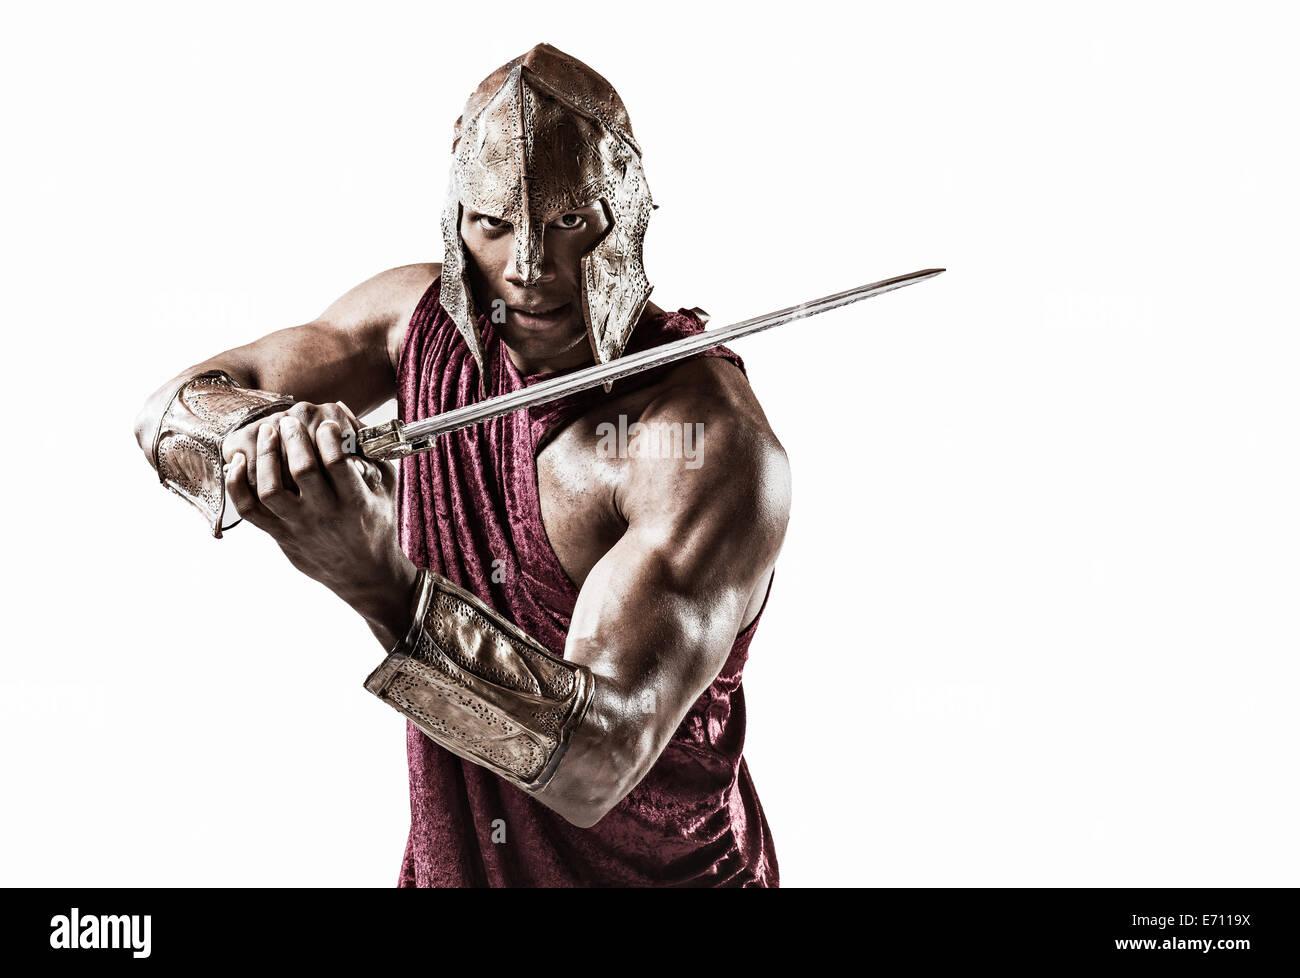 Studio portrait of muscular young man dressed comme gladiator avec casque et épée Photo Stock